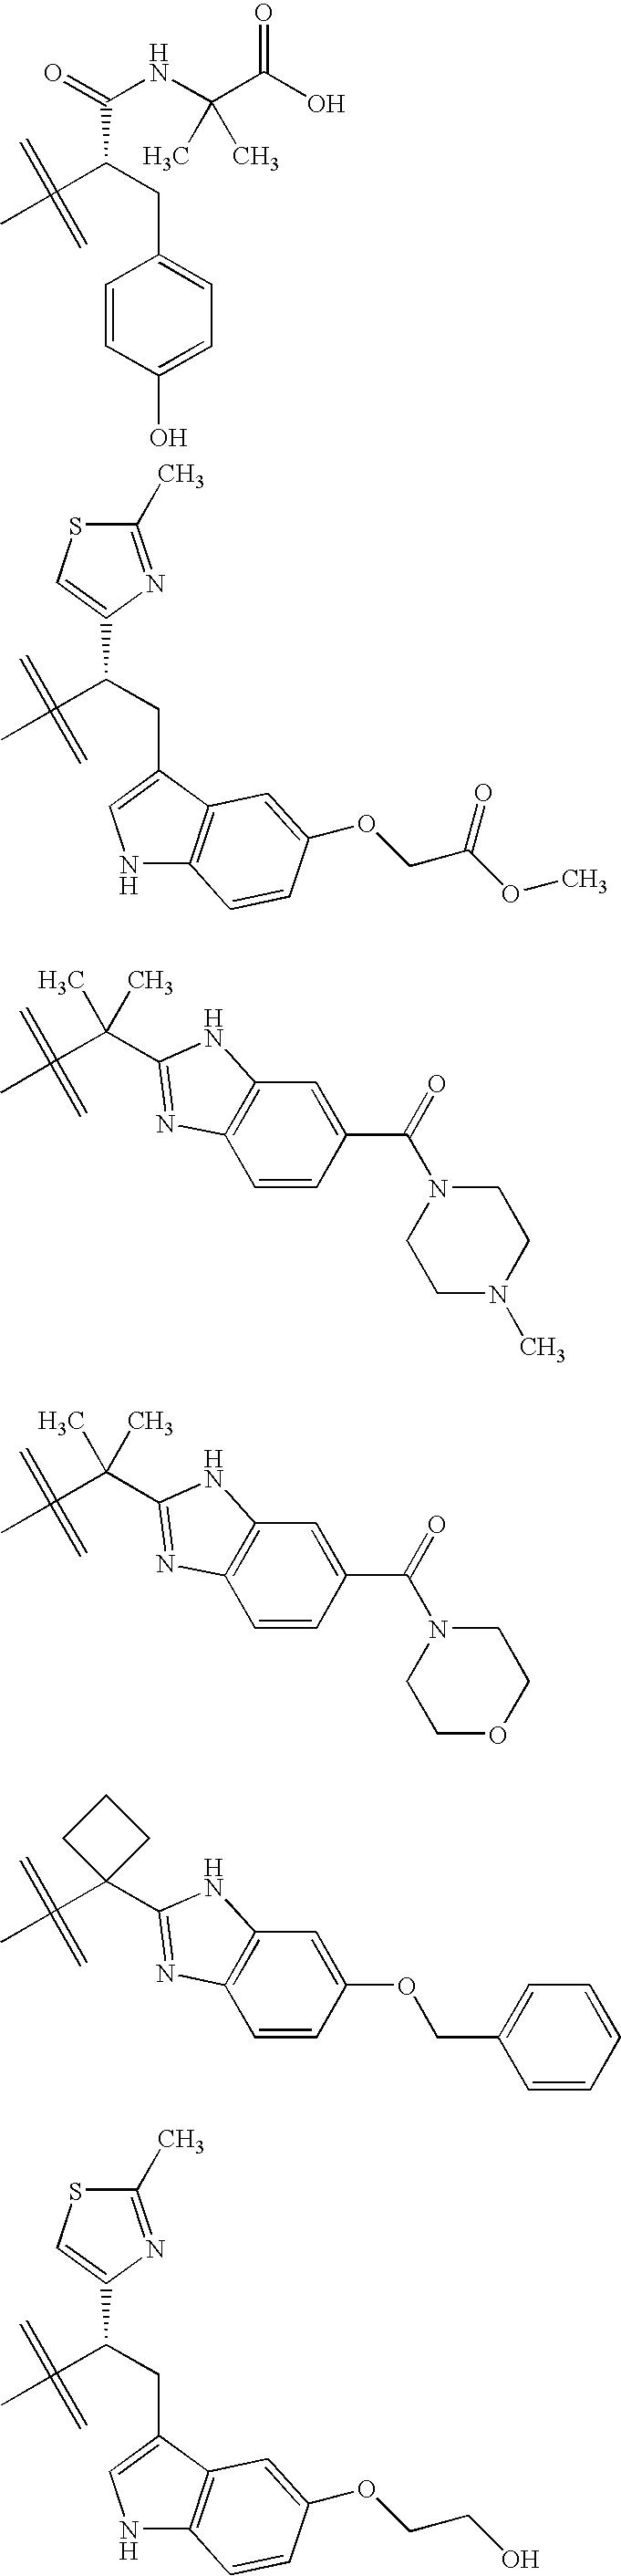 Figure US20070049593A1-20070301-C00193